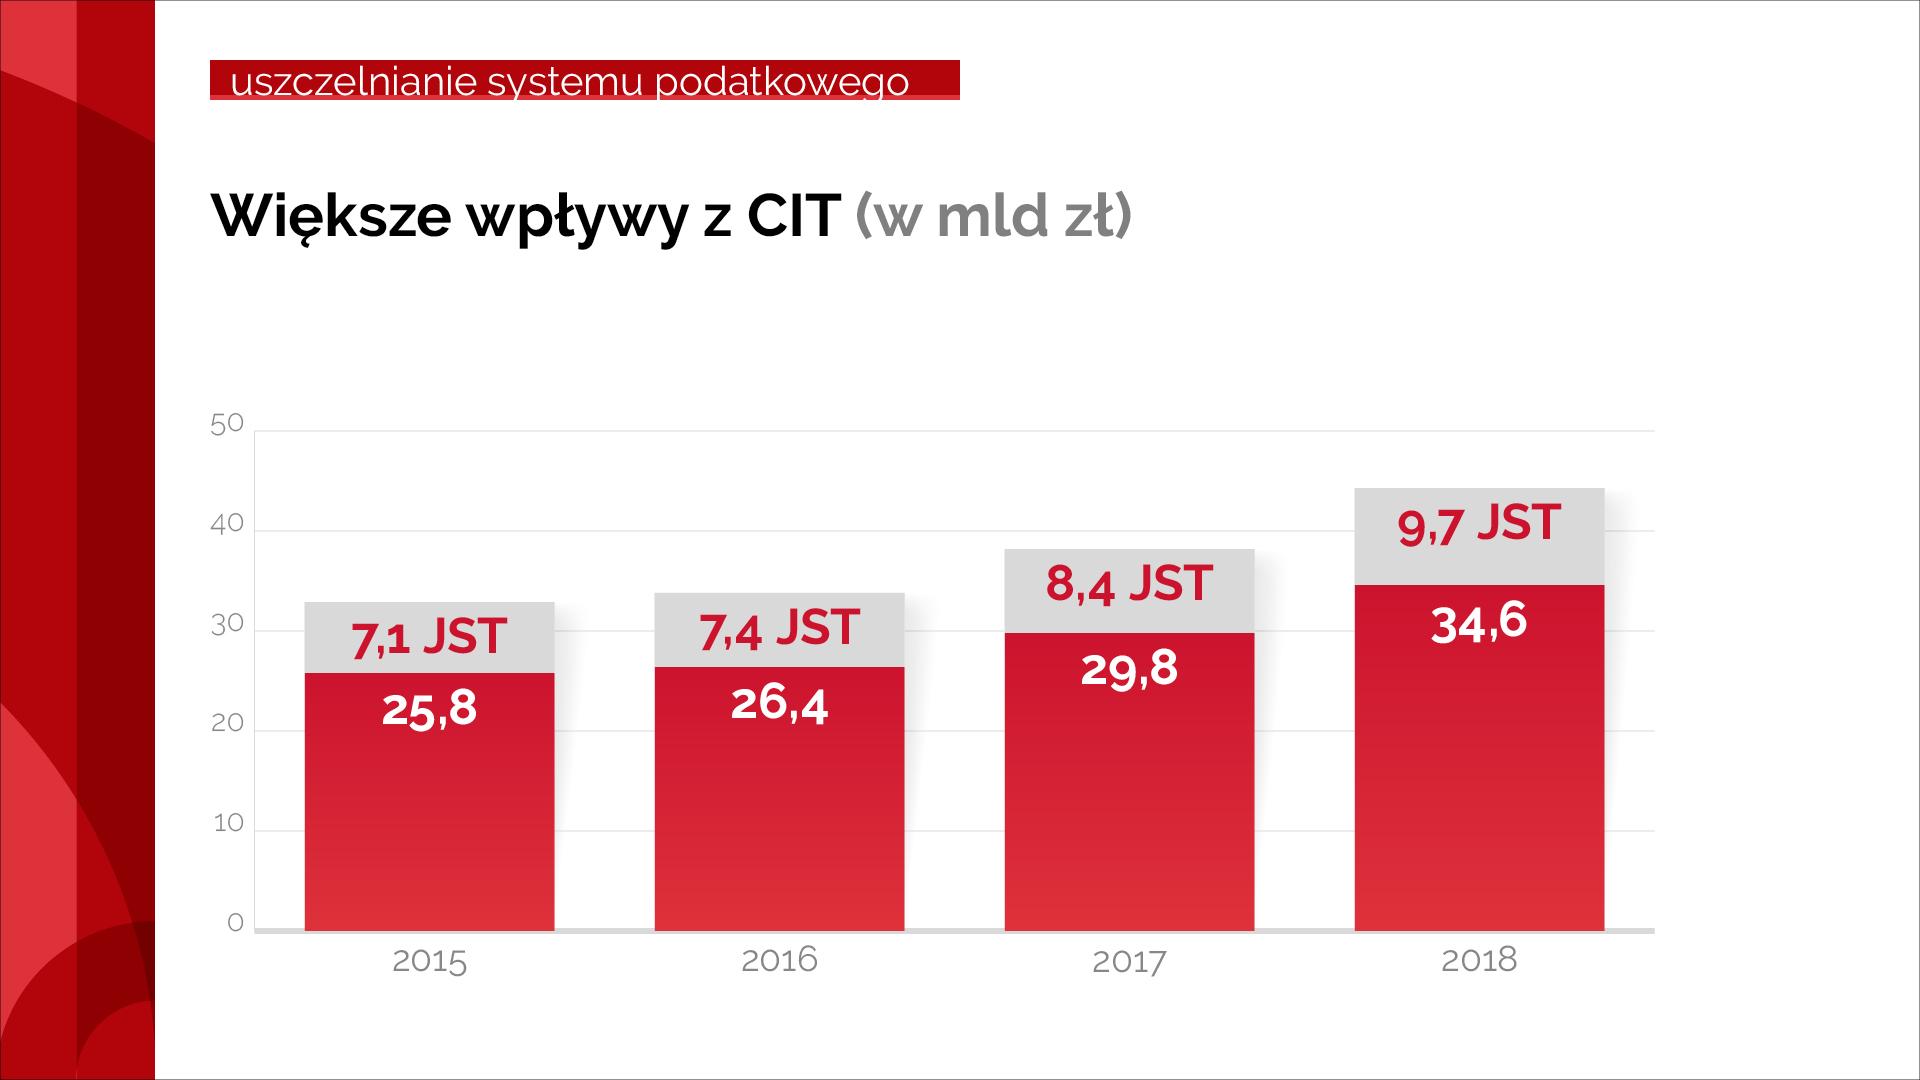 Wykres pokazujący wzrost od 2015 r. do 2018 r.